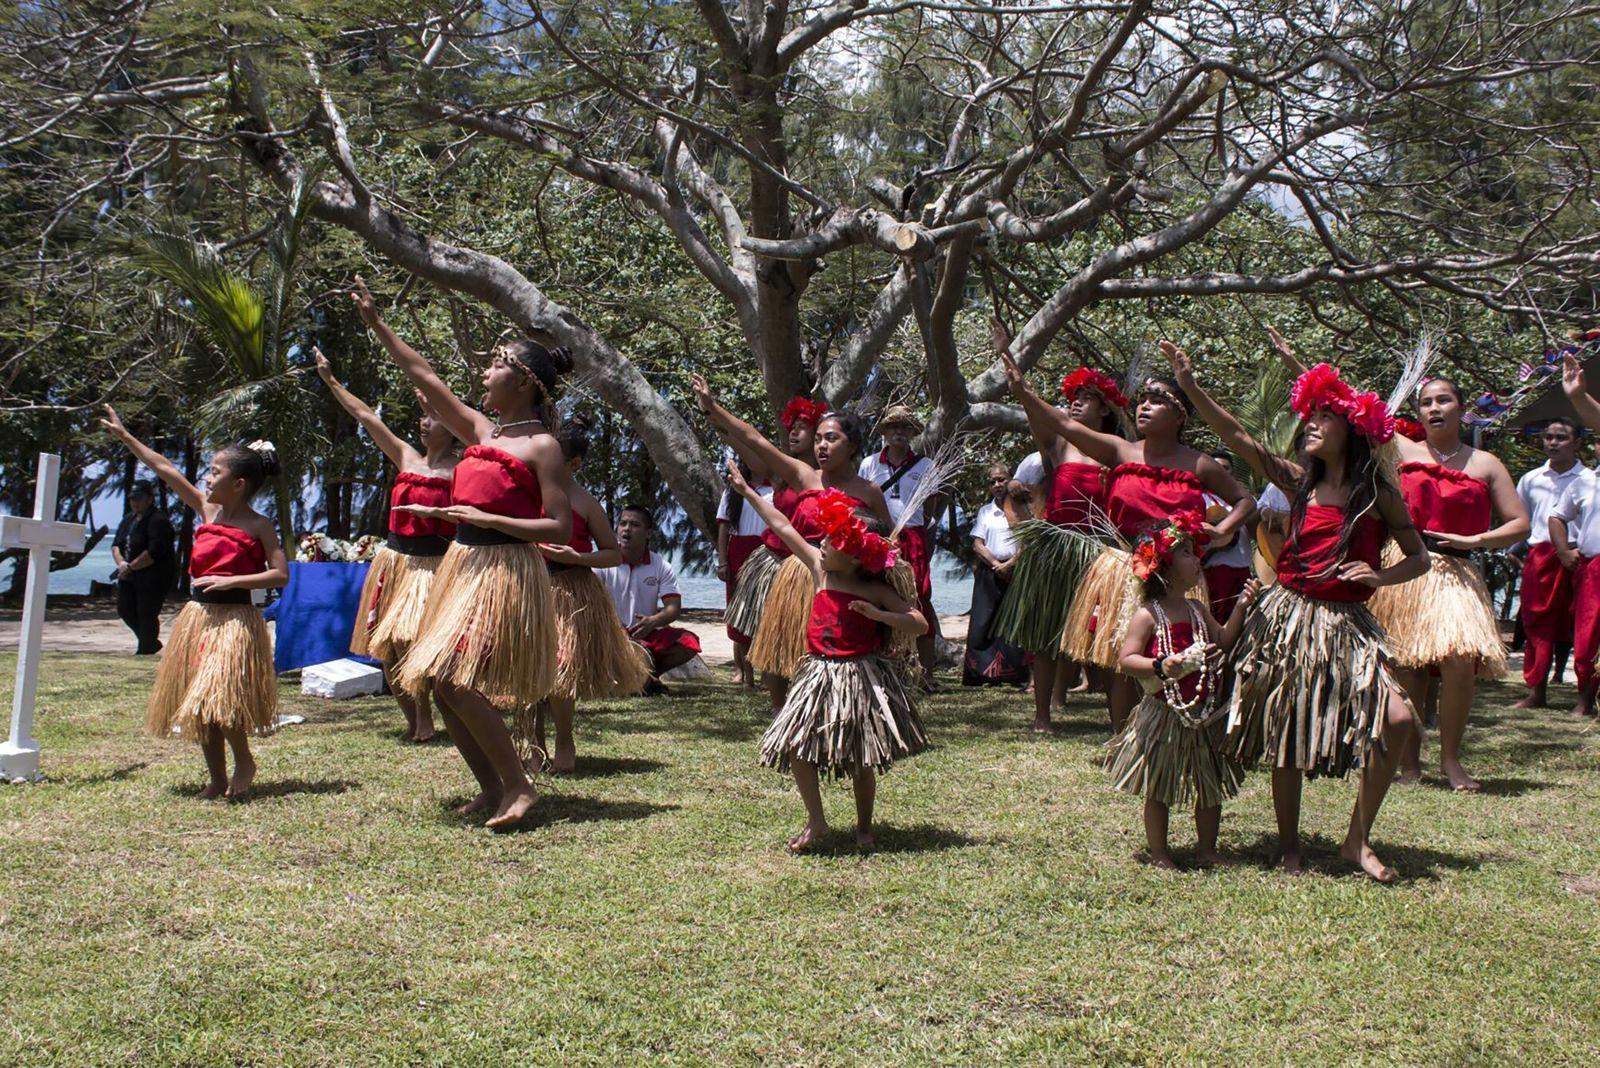 Guam, EUA   Em Guam, grupo de dança chamorro local faz um ritual de proteção no ...